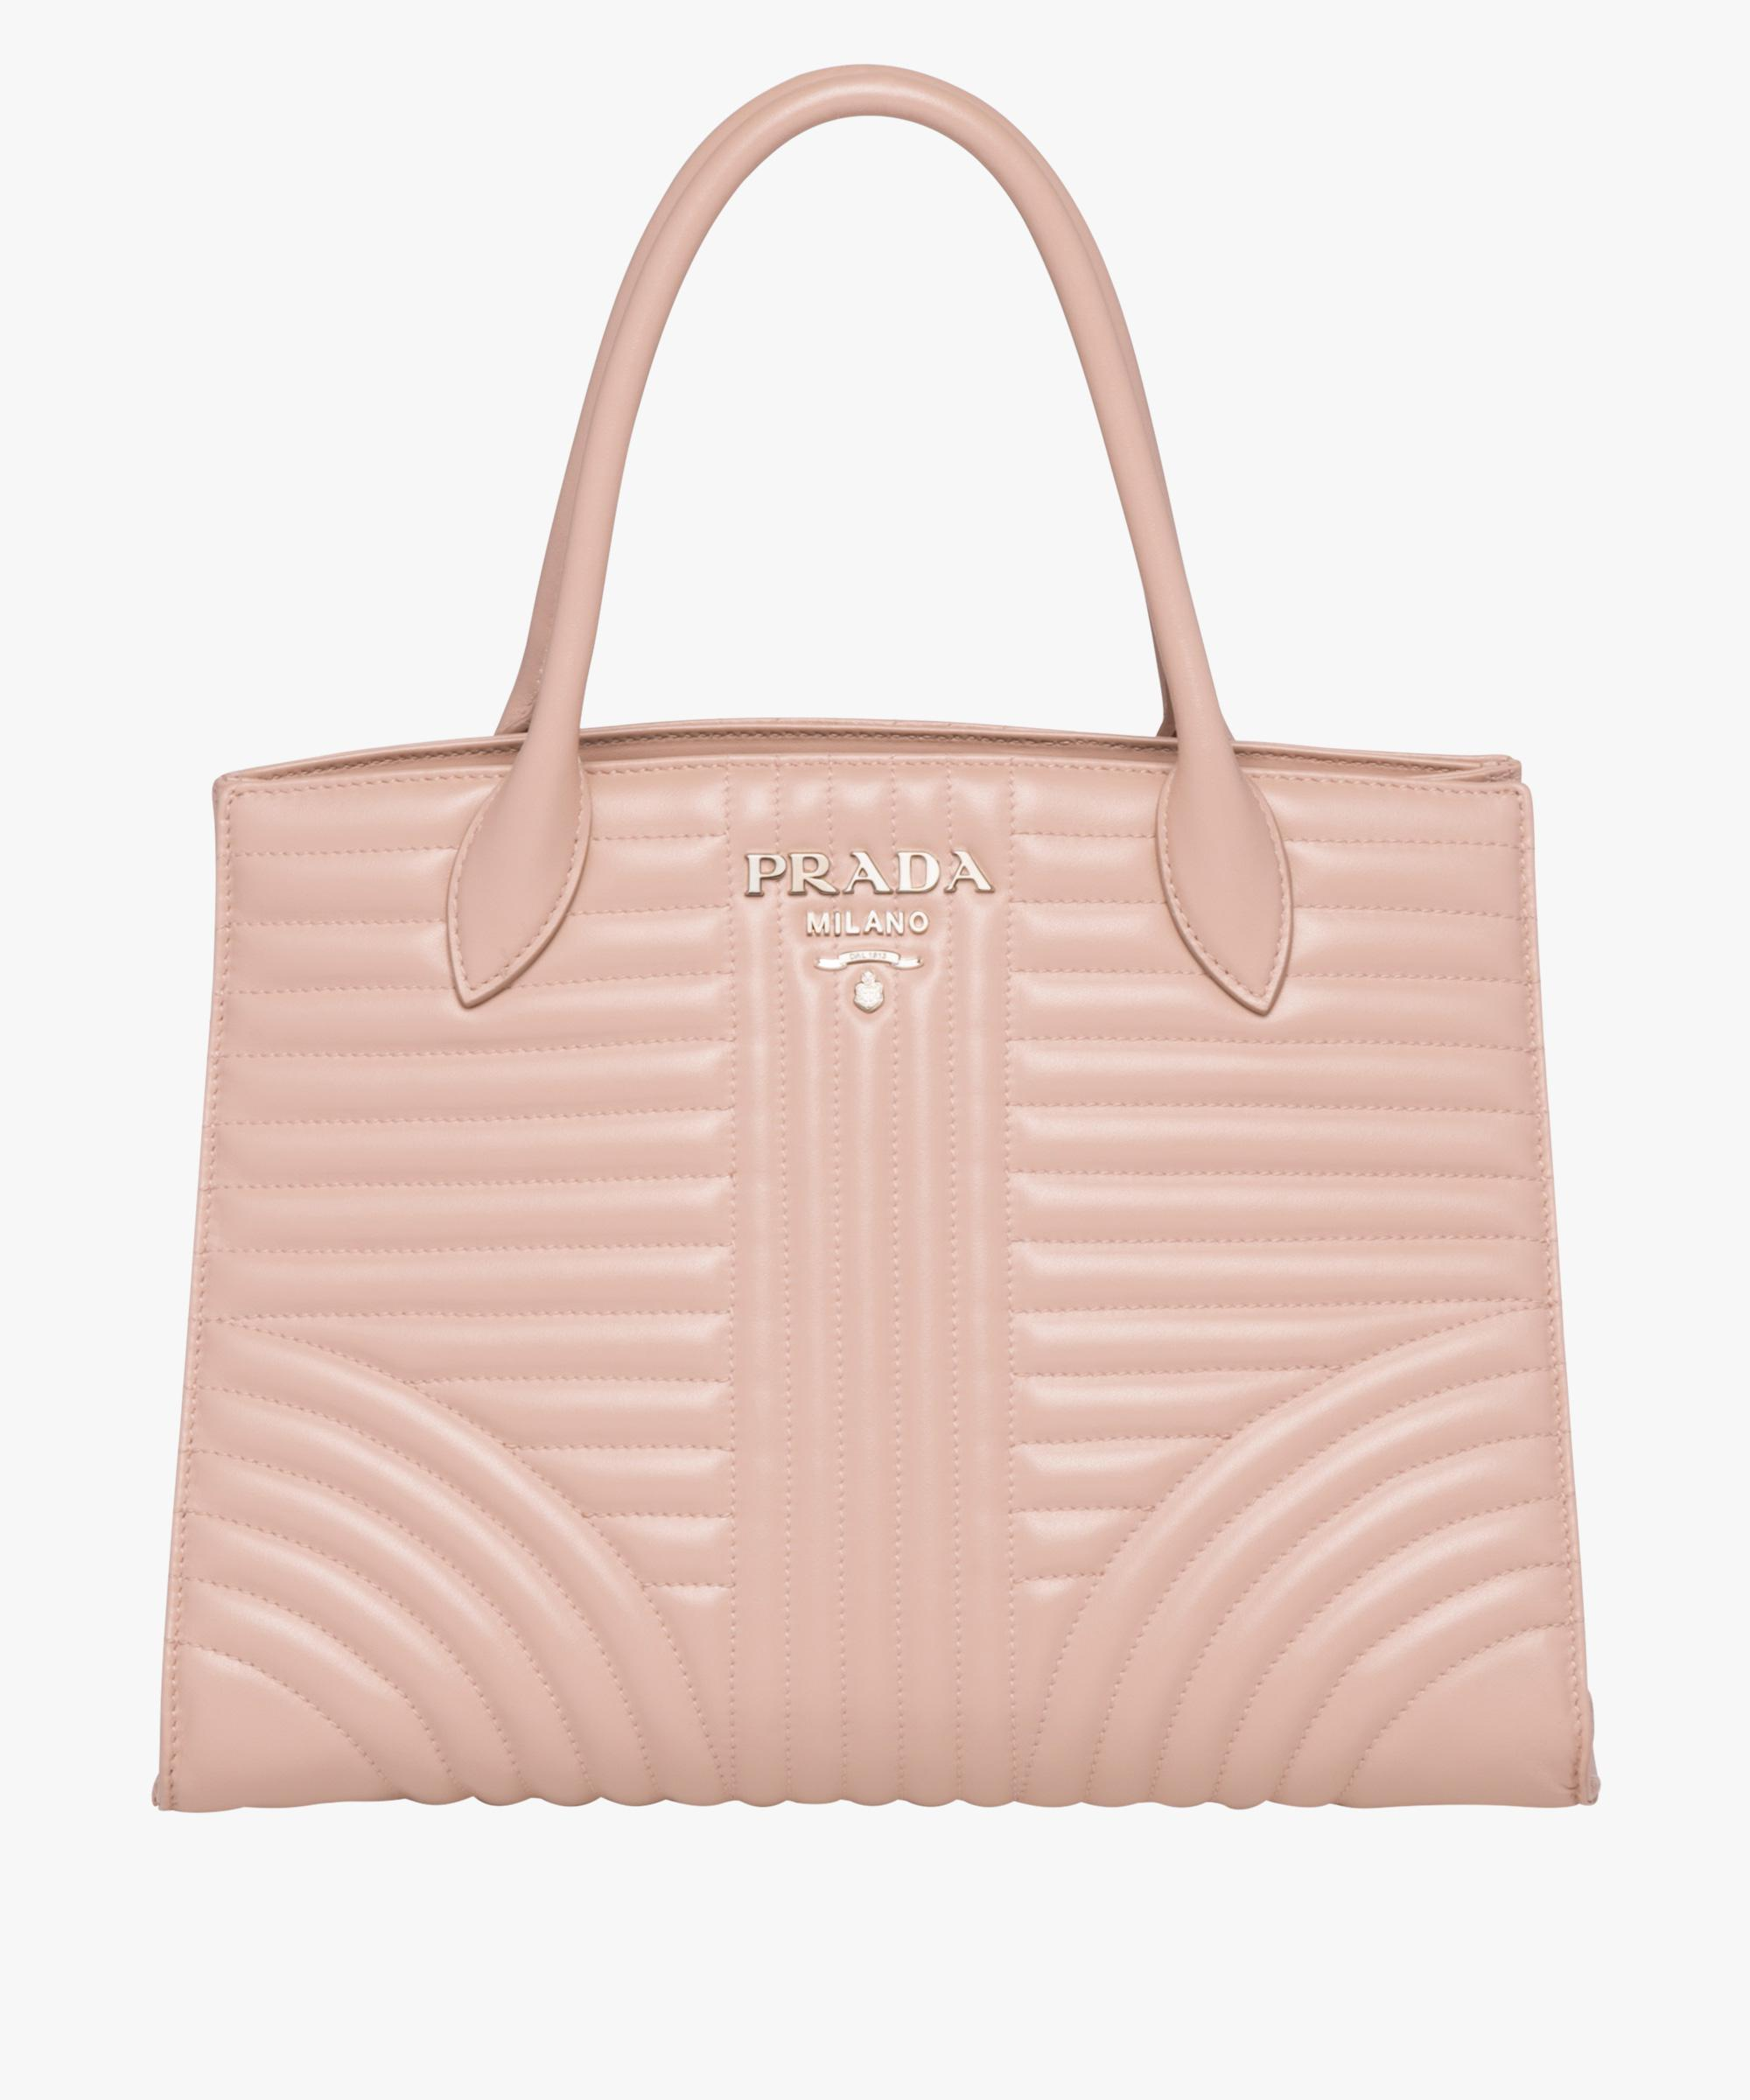 69978ddc7e2c Lyst - Prada Diagramme Leather Handbag in Pink